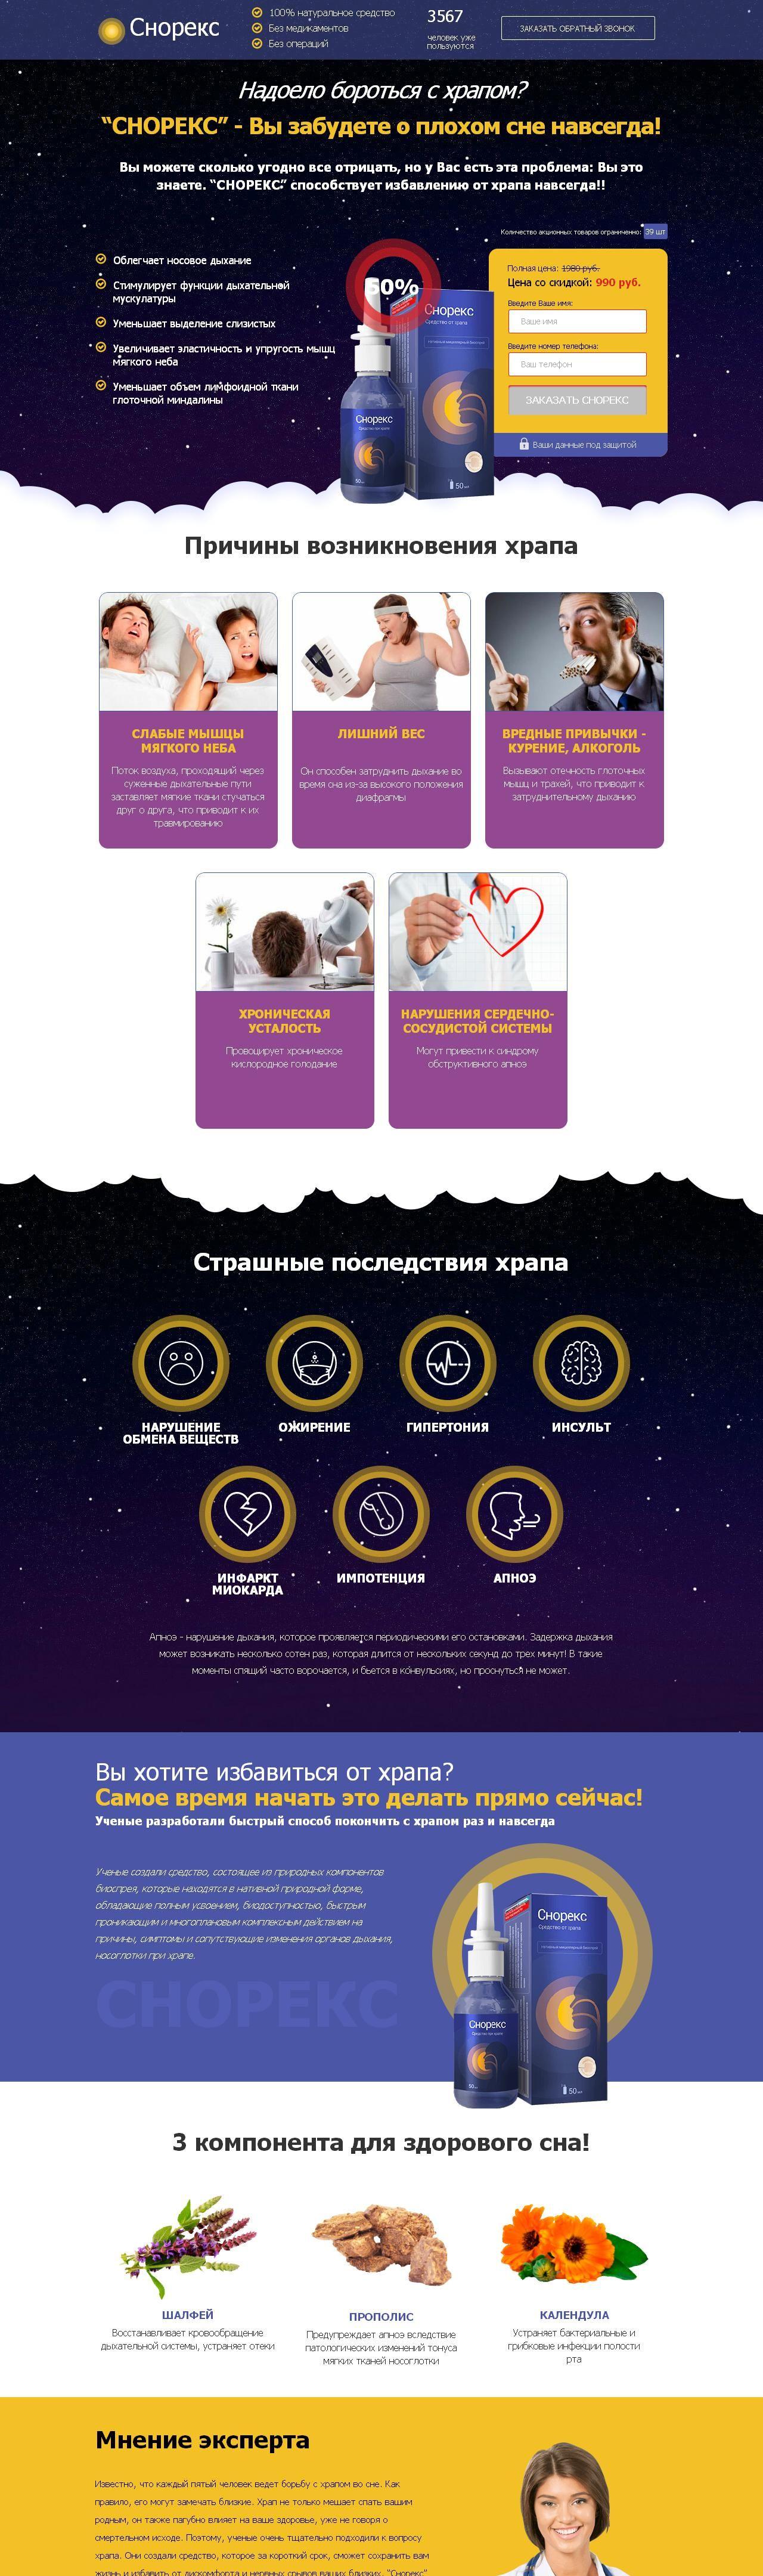 нейросистема 7 для похудения отзывы врачей дц 5